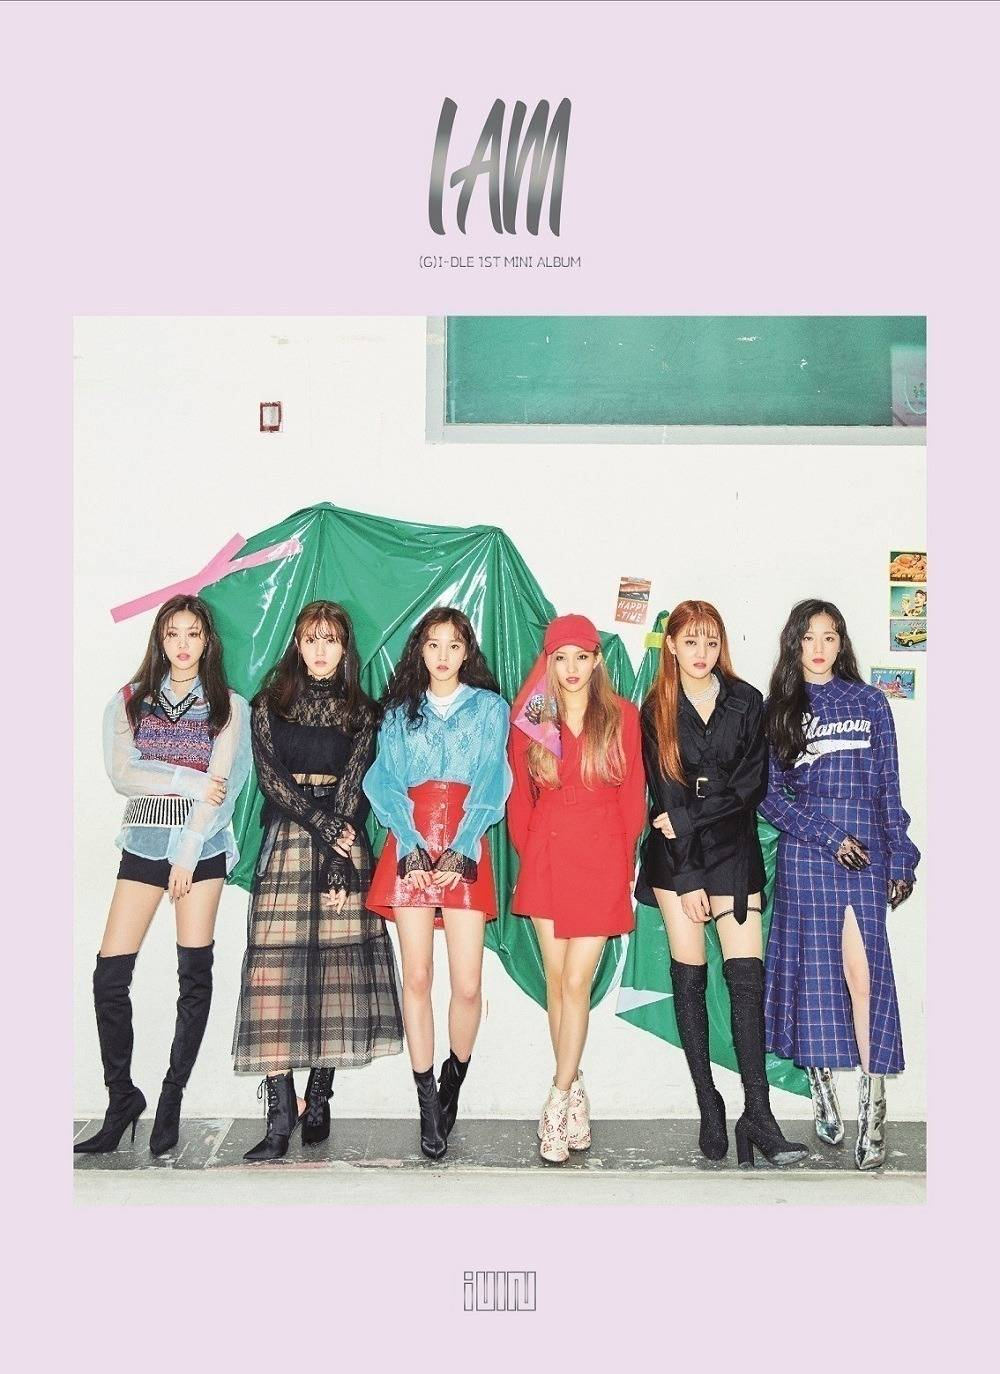 (G)I-DLE - 1st Mini Album: I AM CD